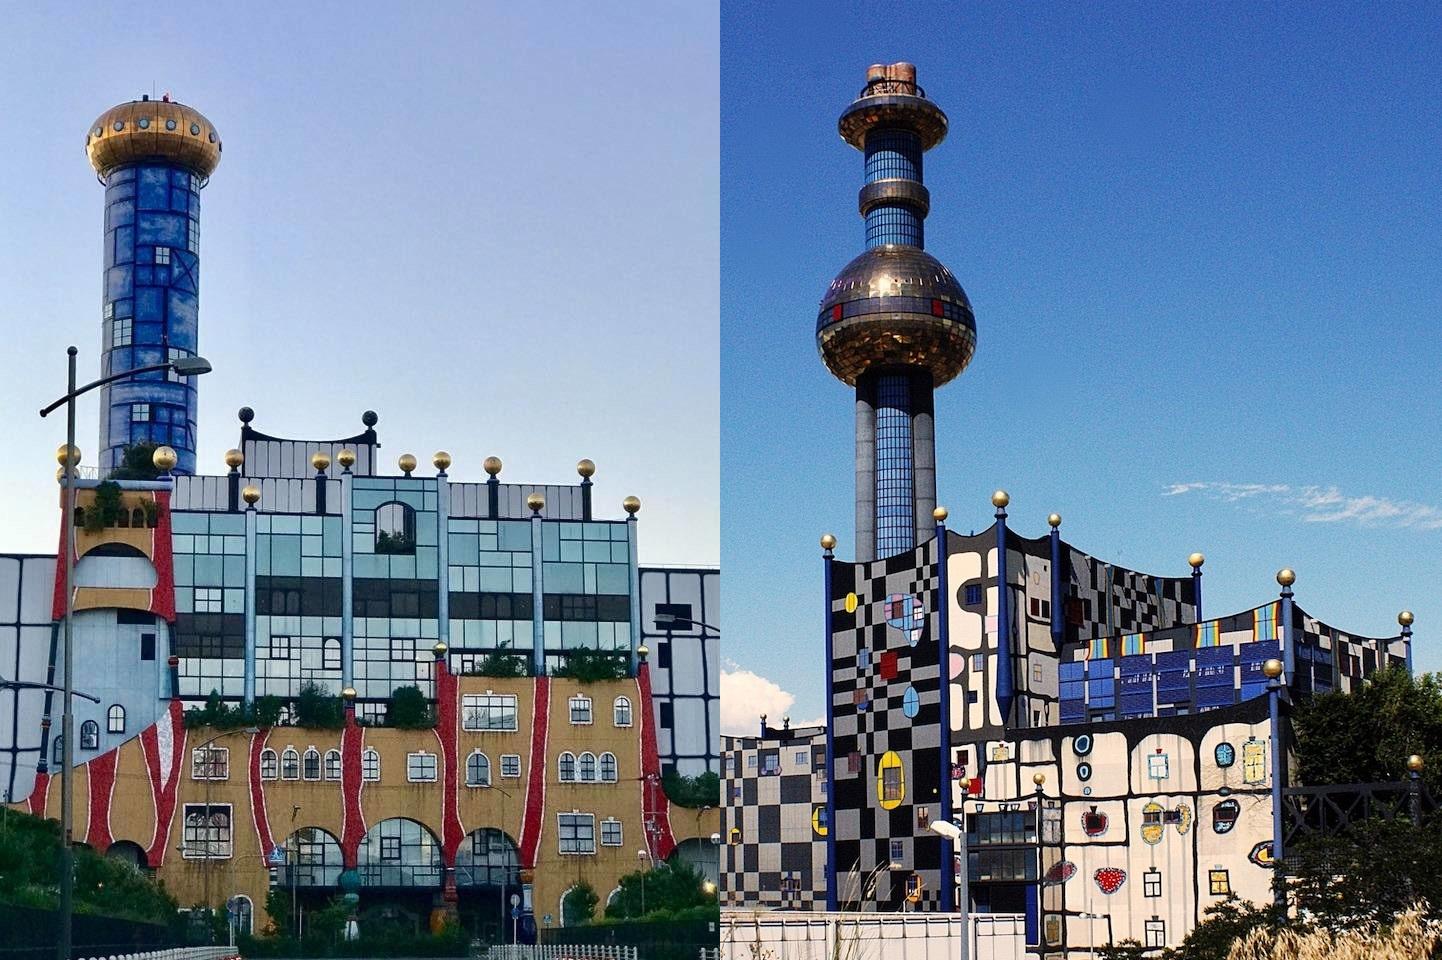 Osaka on the left, Vienna right.